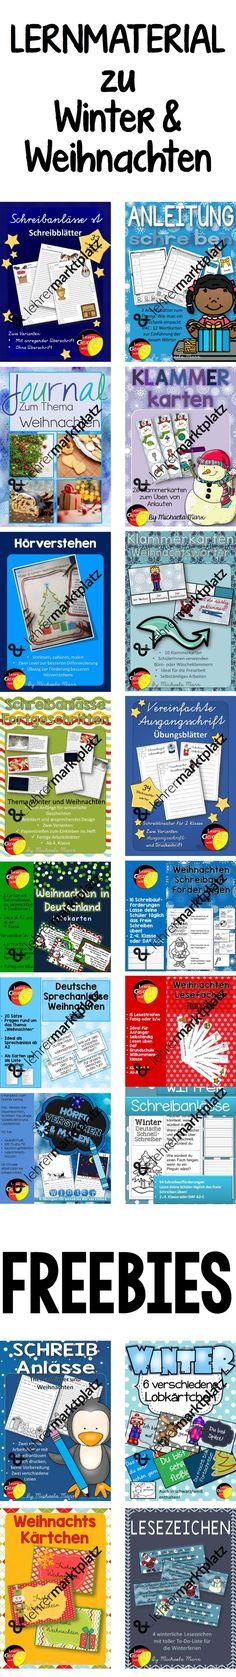 Eine sammlung von vielen Unterrichtsmaterialien rund um das Thema Weihnachten und Winter. Schreibanlässe, Vorgangesbeschreibung, Schreibschrift üben, Alphabetsierung, Lobkärtchen und vieles Mehr. Auch kostenlose Materialien zu Winter und Weihnachten